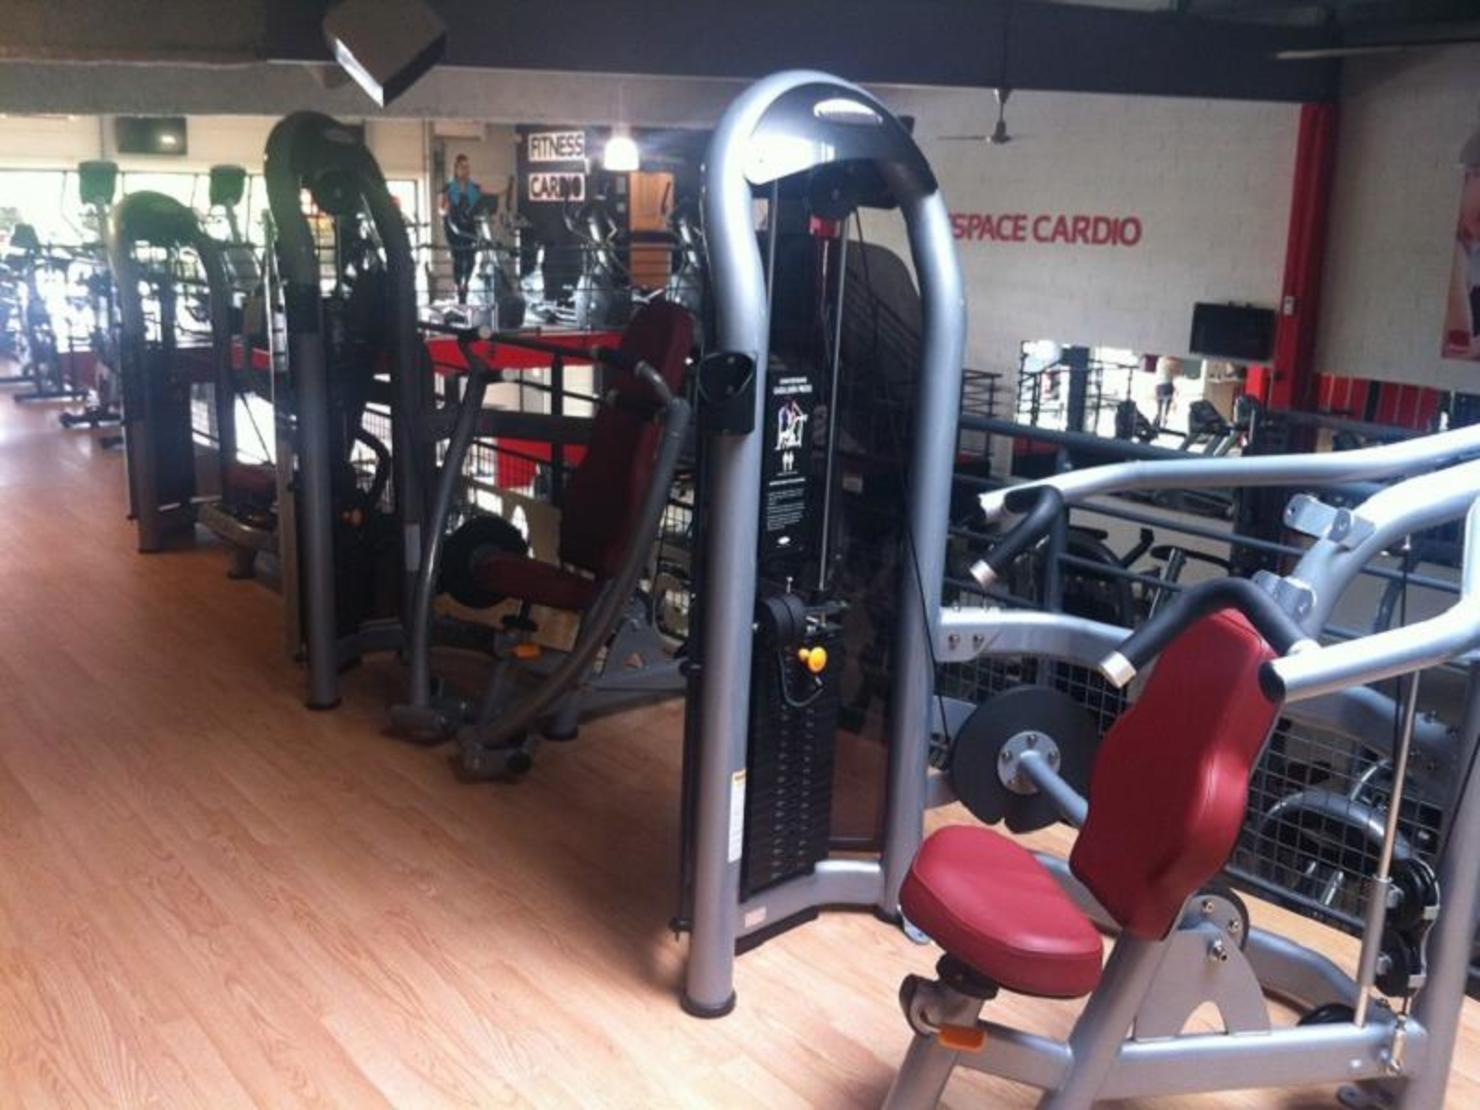 iron gym tours tarifs avis horaires essai gratuit. Black Bedroom Furniture Sets. Home Design Ideas